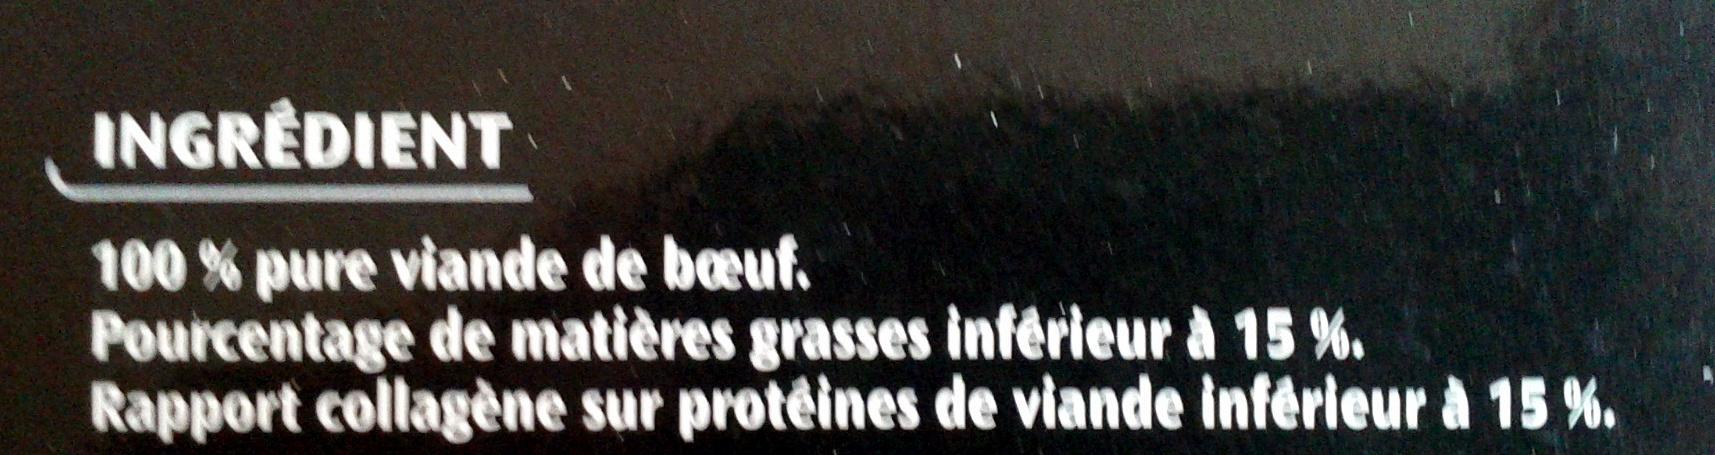 Le Pur Bœuf - Ingredients - fr